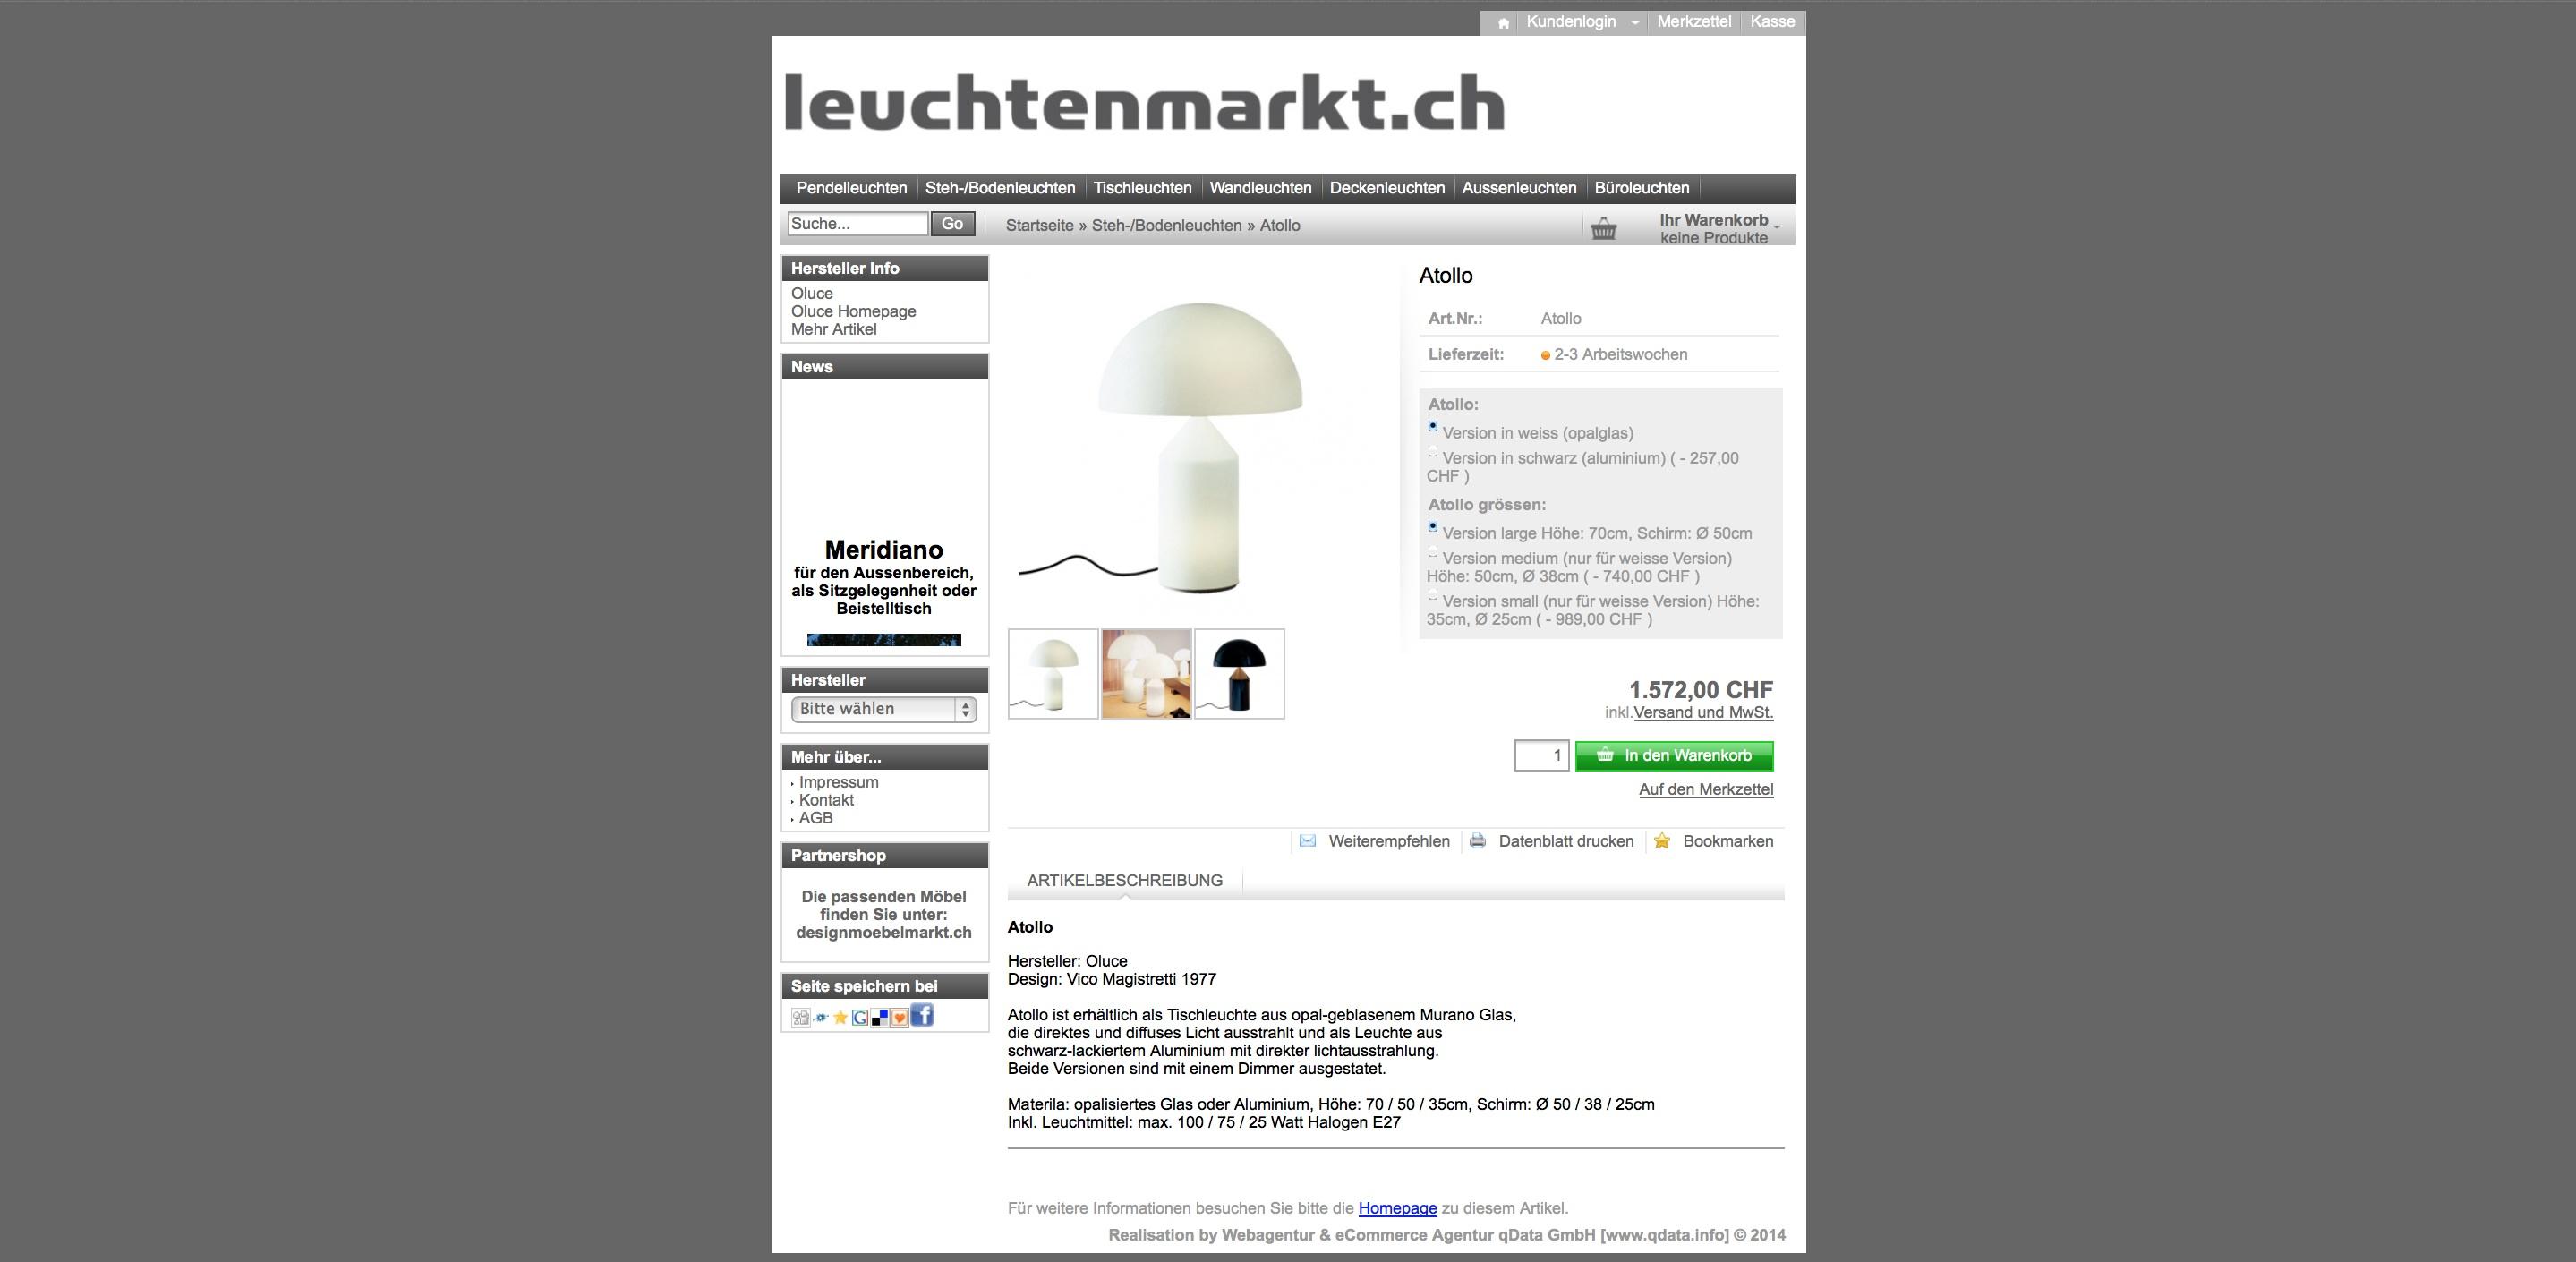 Leuchtenmarkt